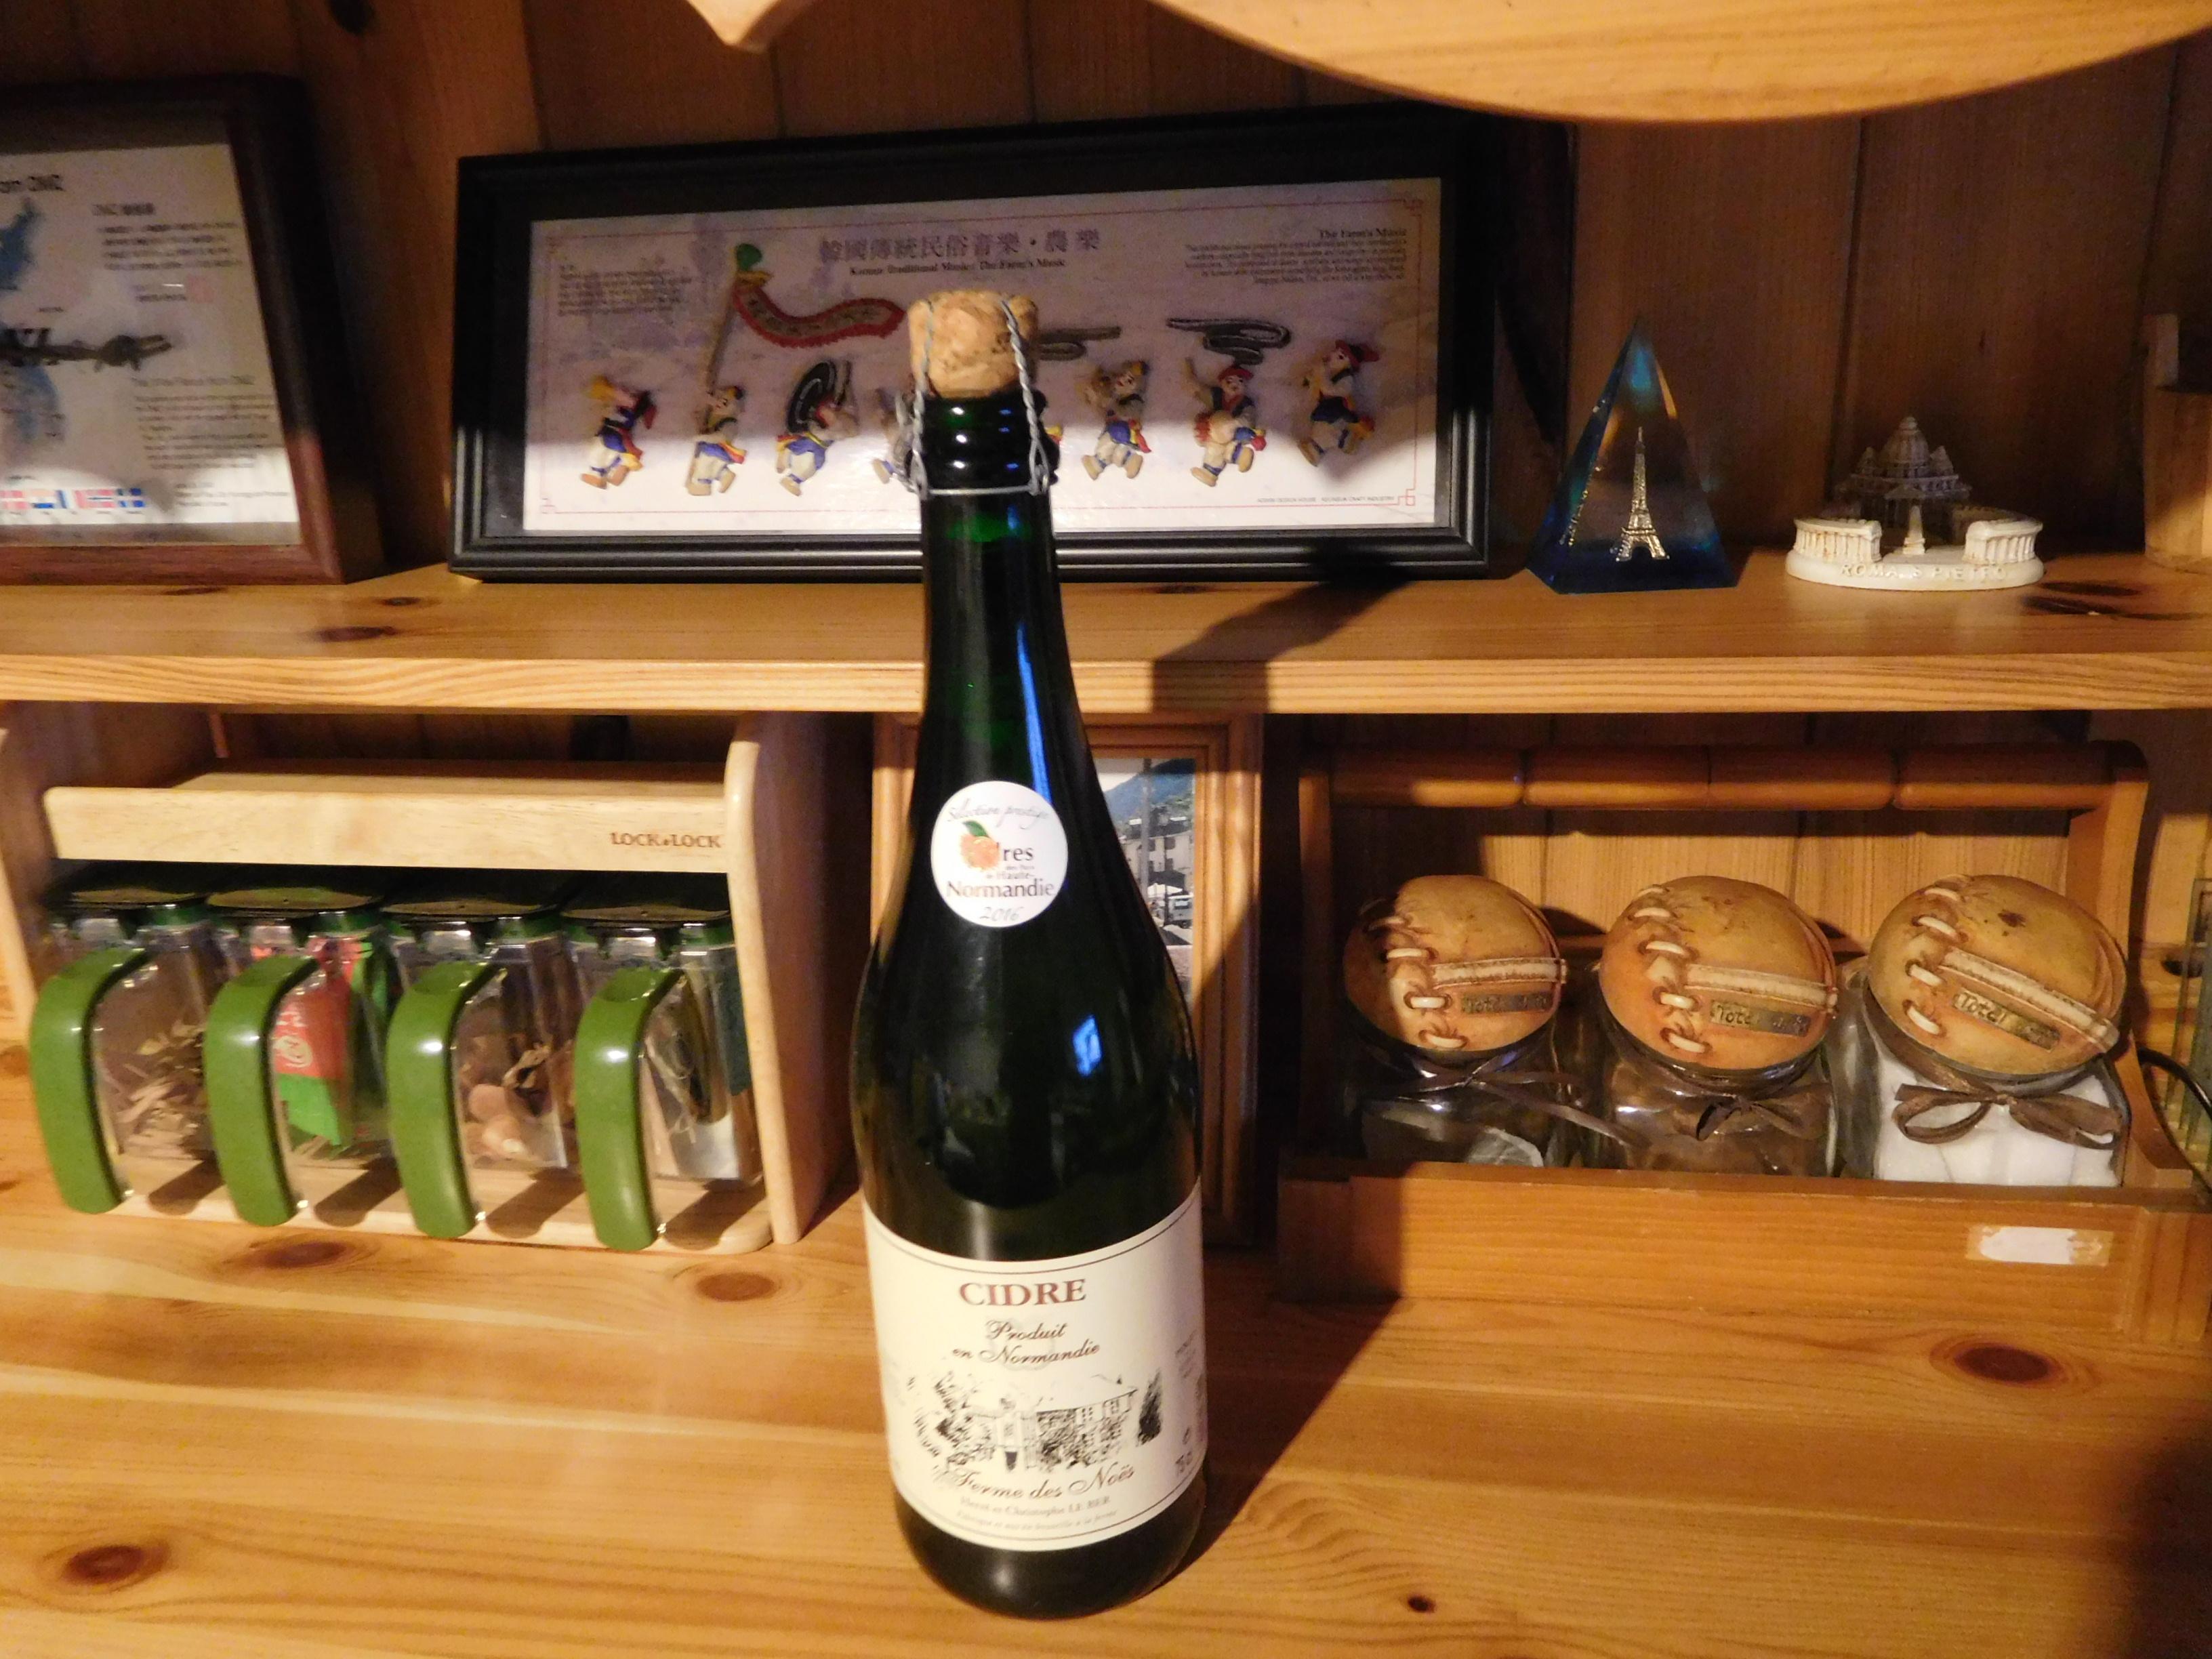 프랑스 노르망디 사과주- 시드르 (cidre)